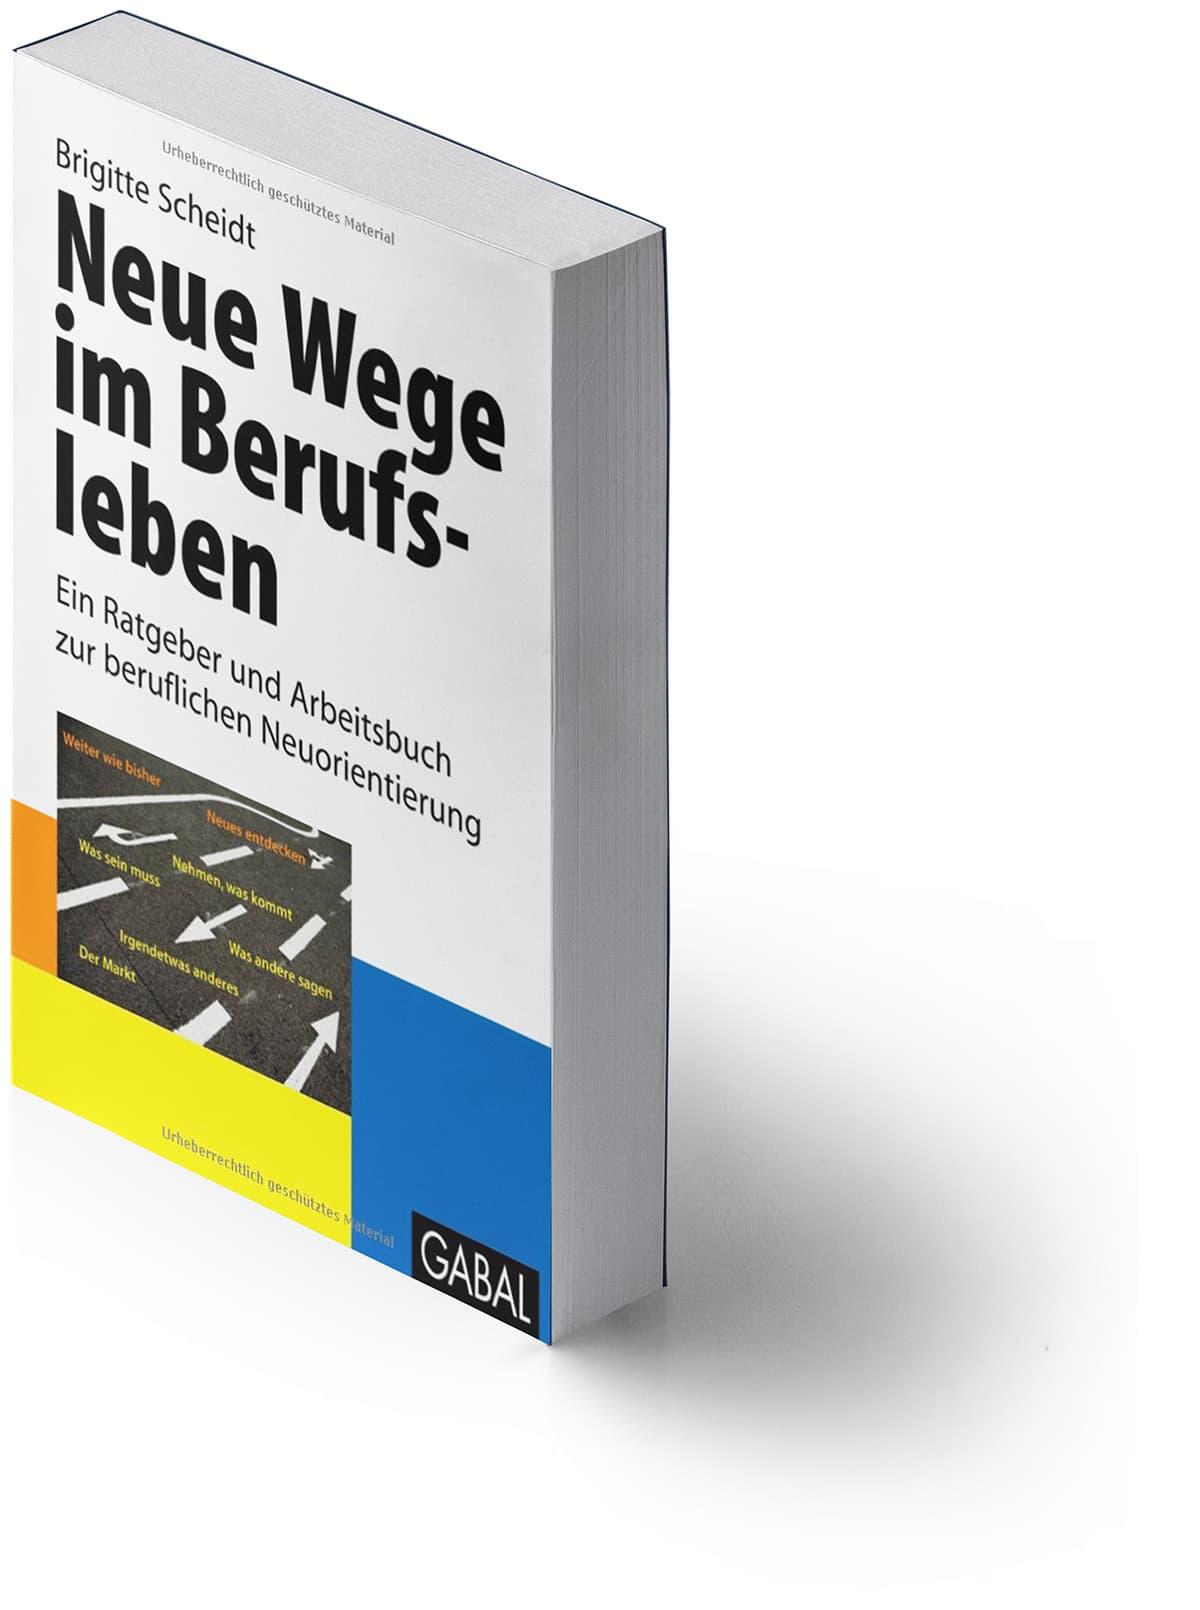 Brigitte Scheidt Neue Wege im Berufsleben